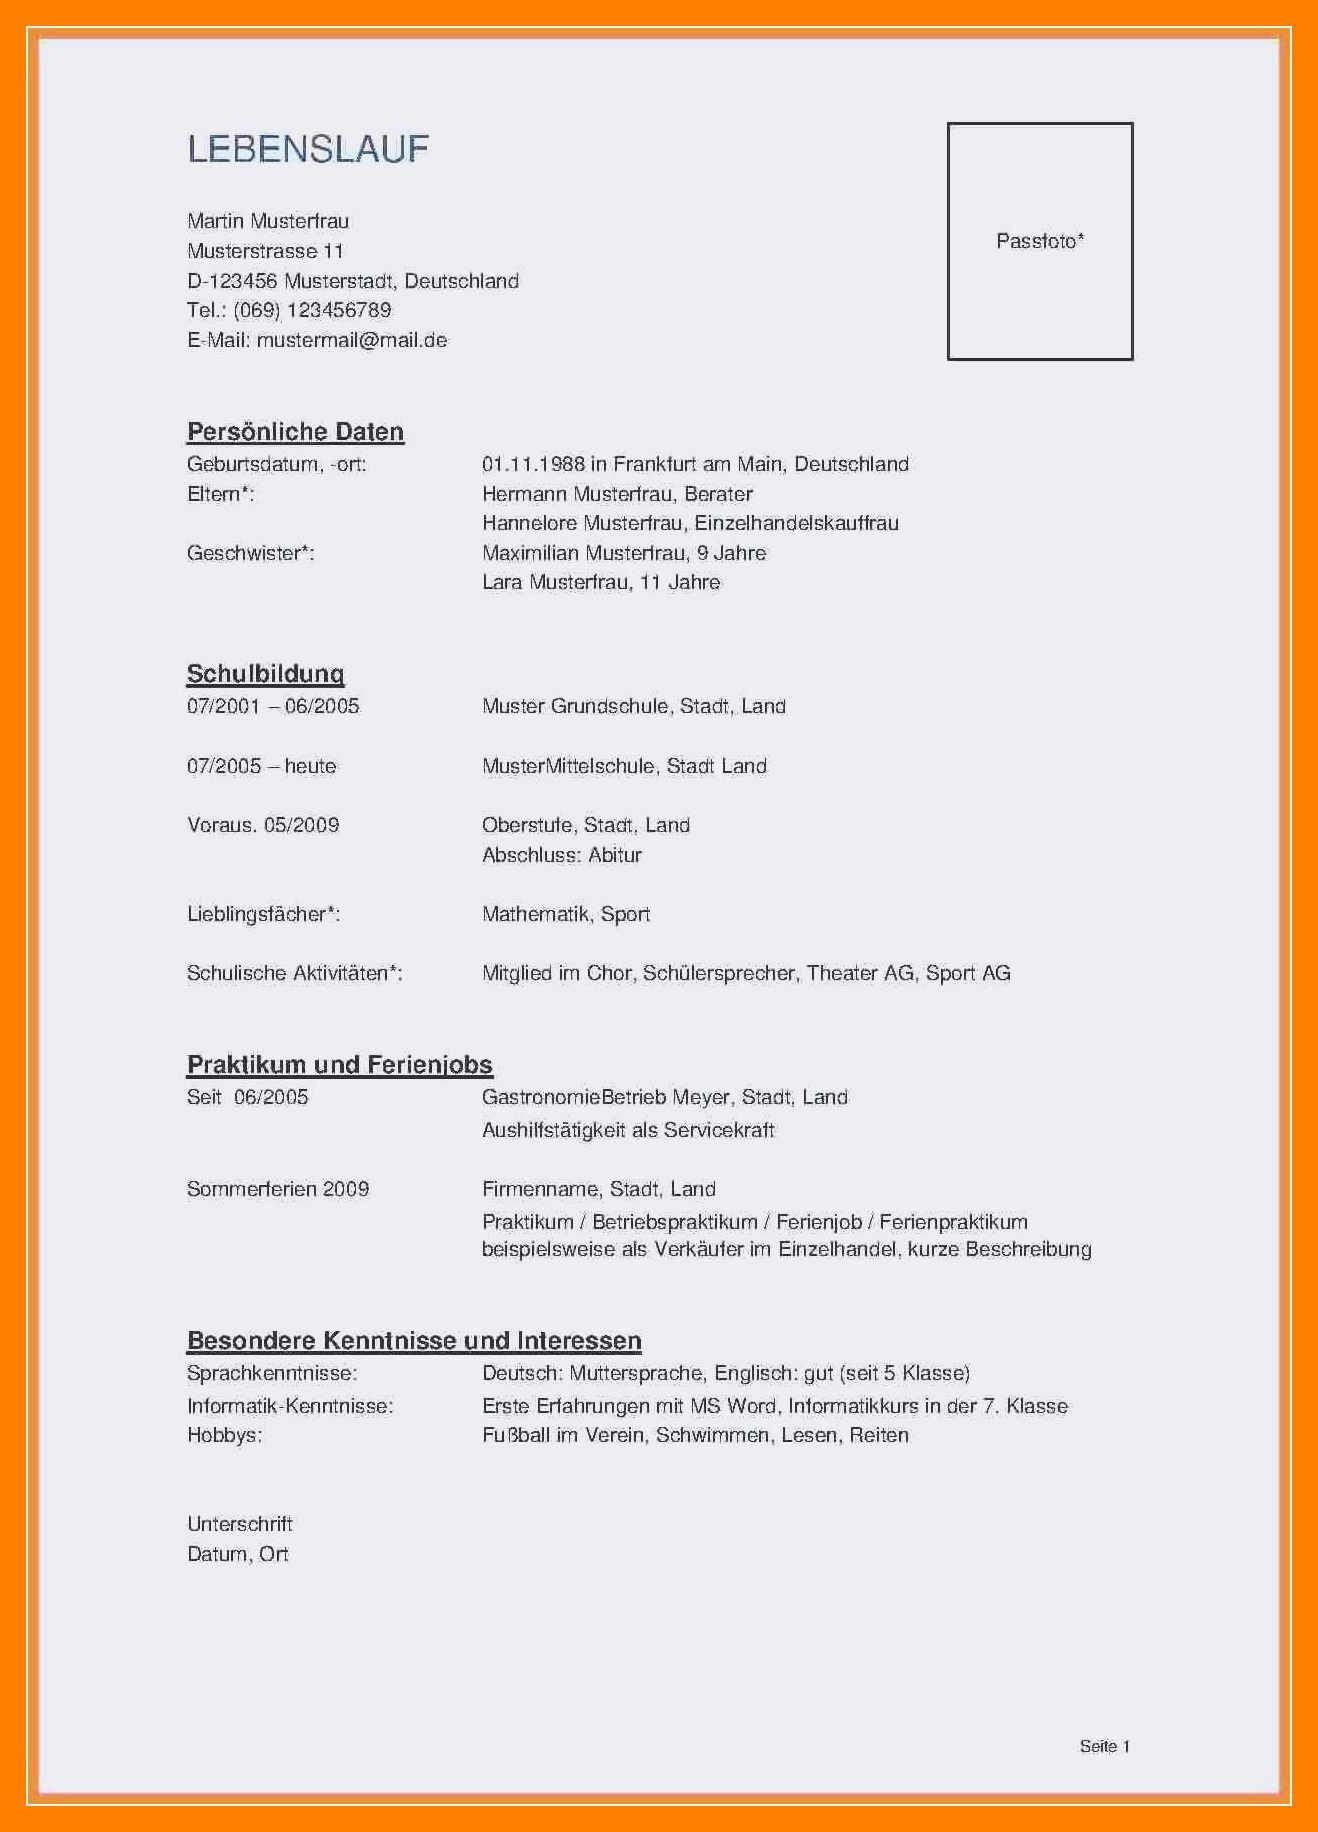 Briefprobe Briefformat Briefvorlage Lebenslauf Schulbildung Bildung